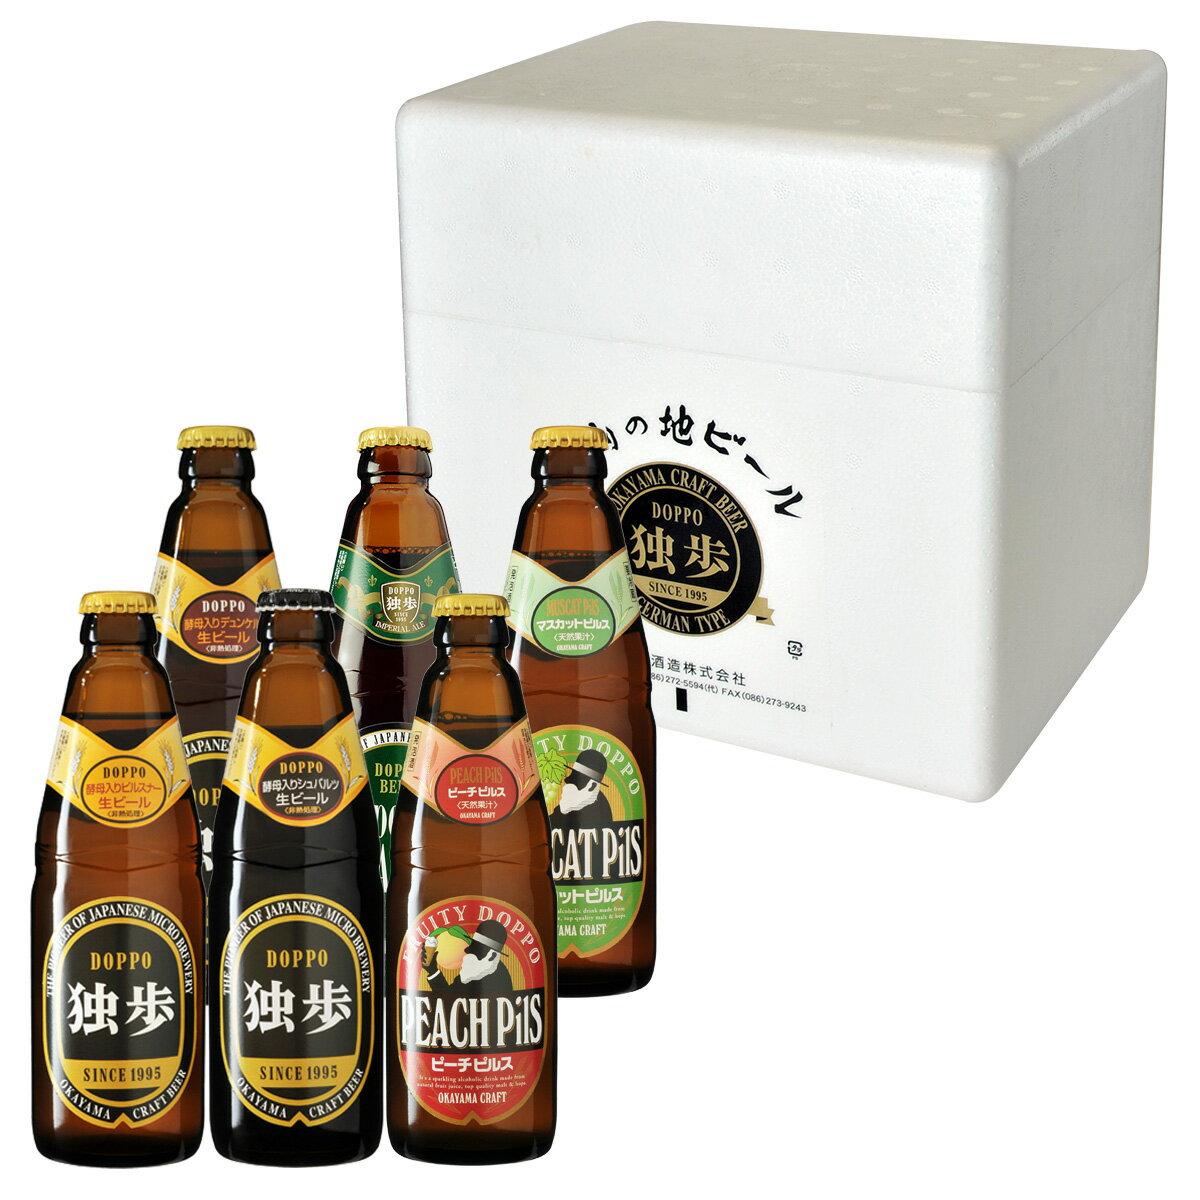 地ビール独歩 飲み比べ6本セット PDS-6IPM (送料込、クール配送)【楽ギフ_のし】【宮下酒造】【あす楽】